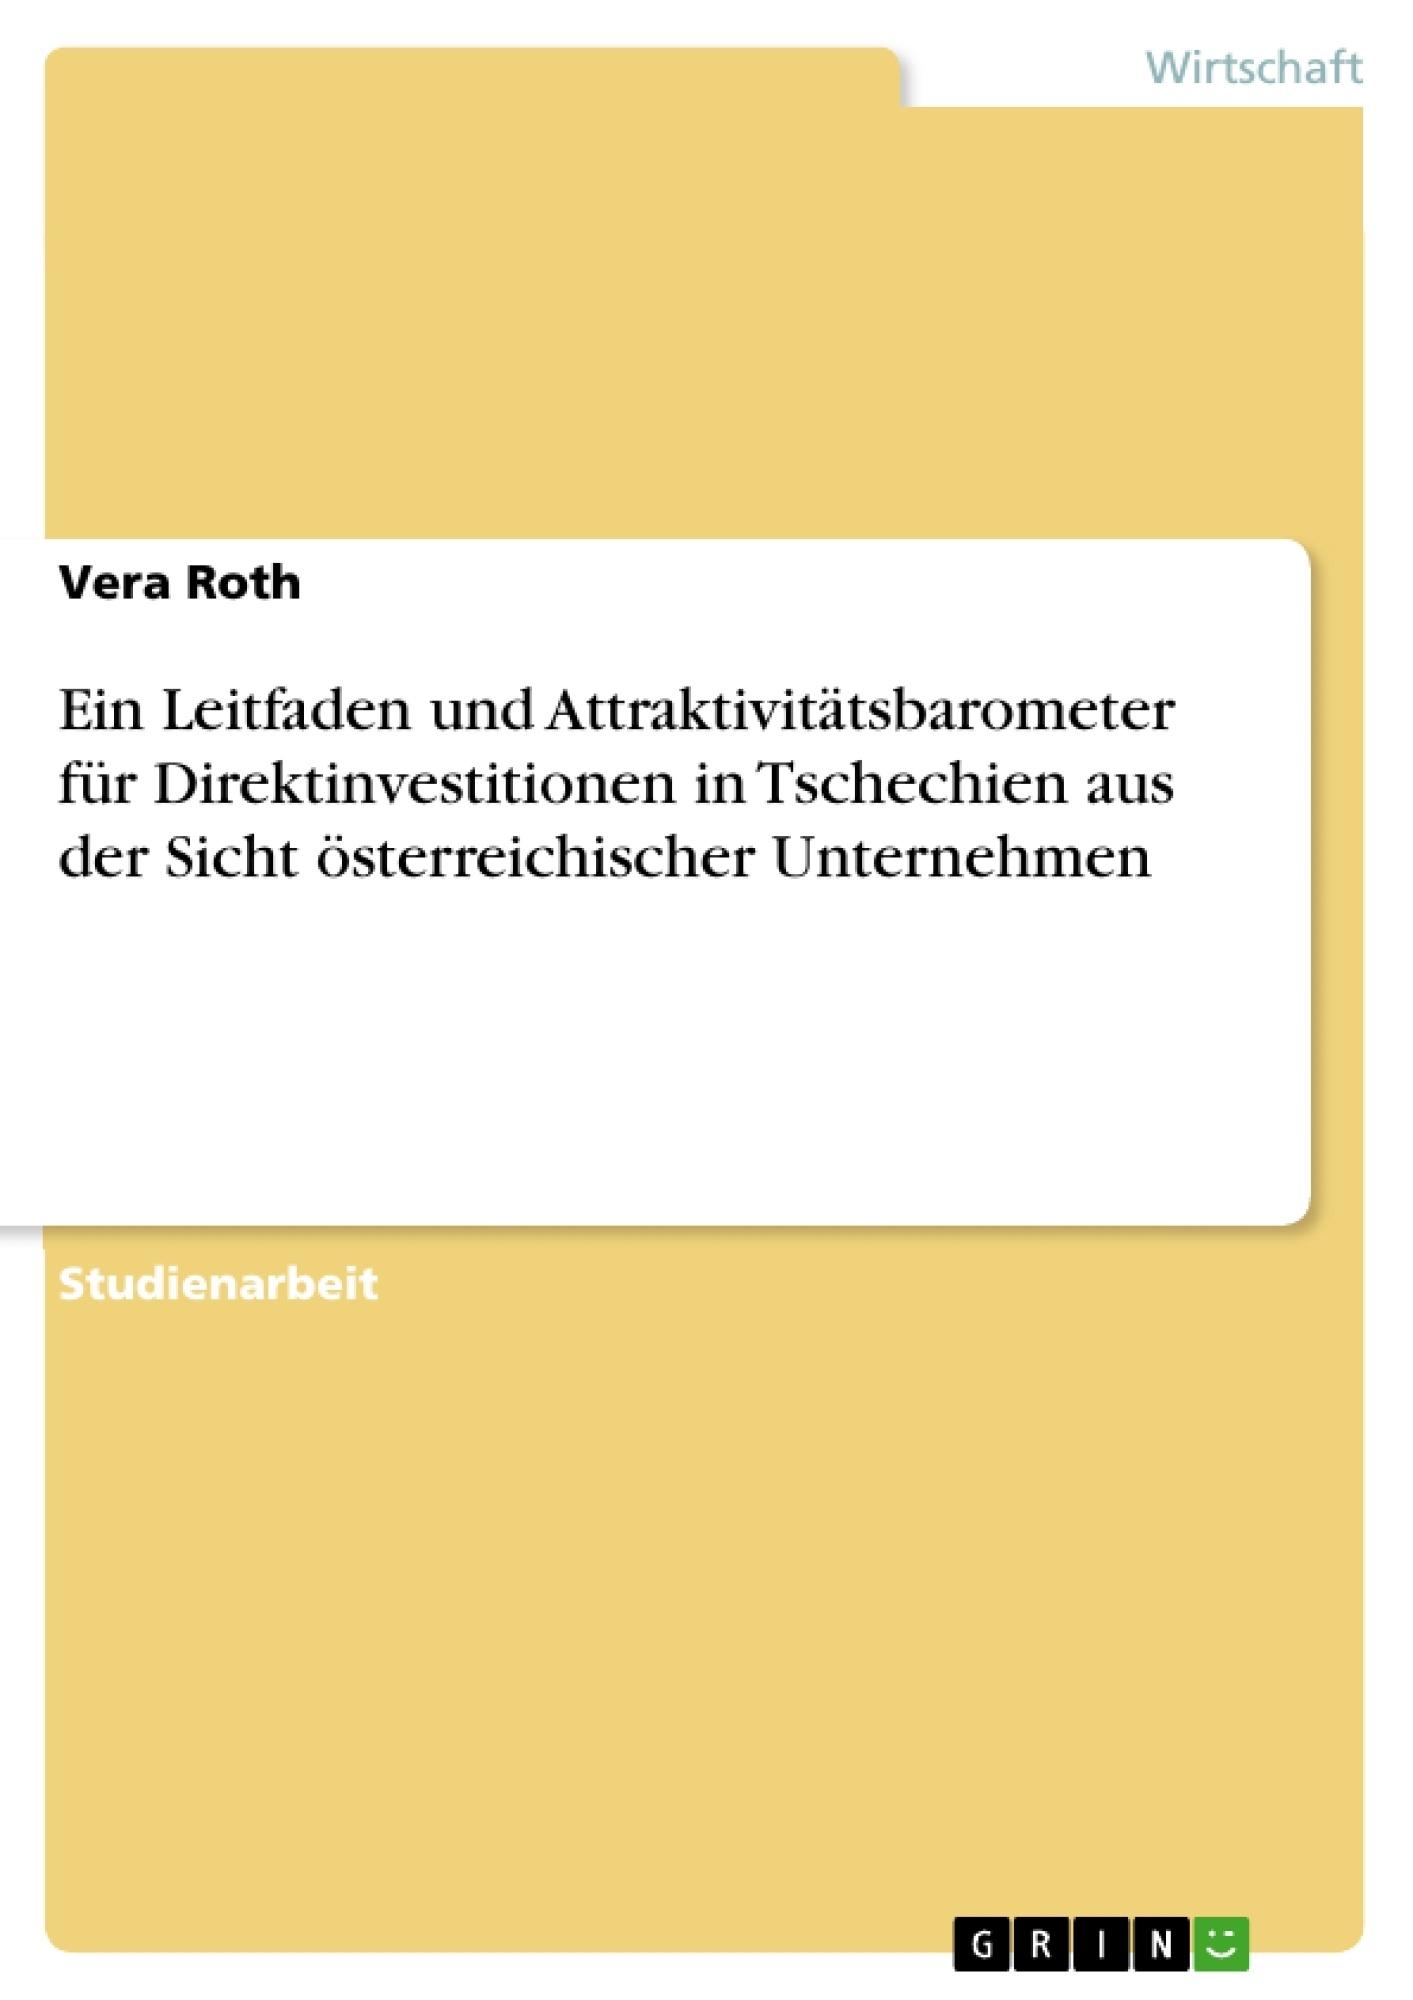 Titel: Ein Leitfaden und Attraktivitätsbarometer für Direktinvestitionen in Tschechien aus der Sicht österreichischer Unternehmen